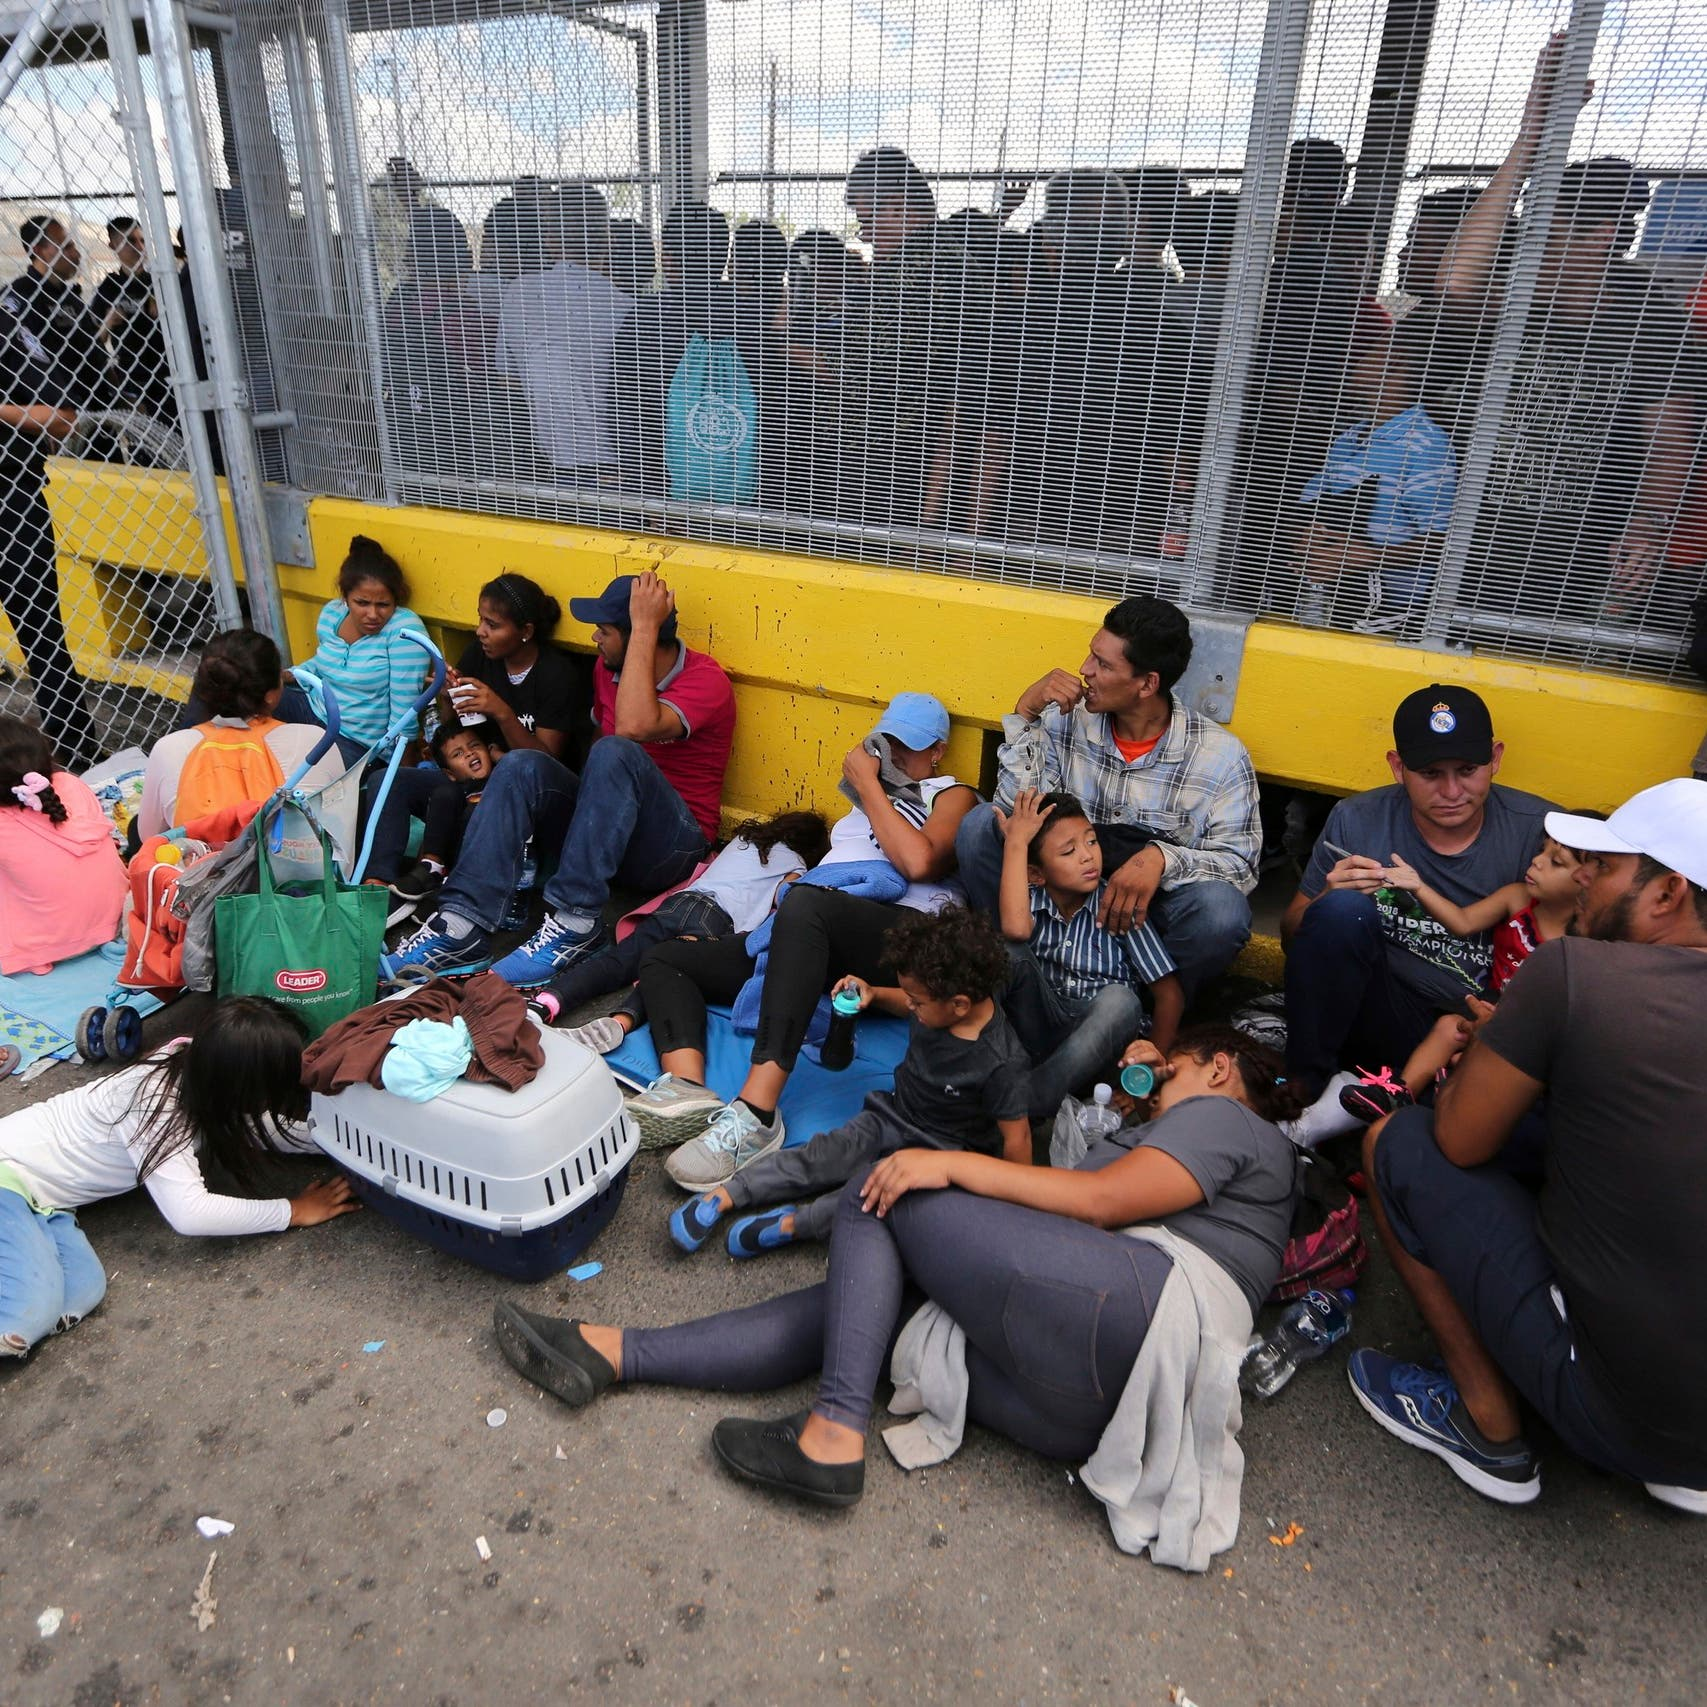 مهاجرون يغلقون معبراً حدودياً بين الولايات المتحدة والمكسيك